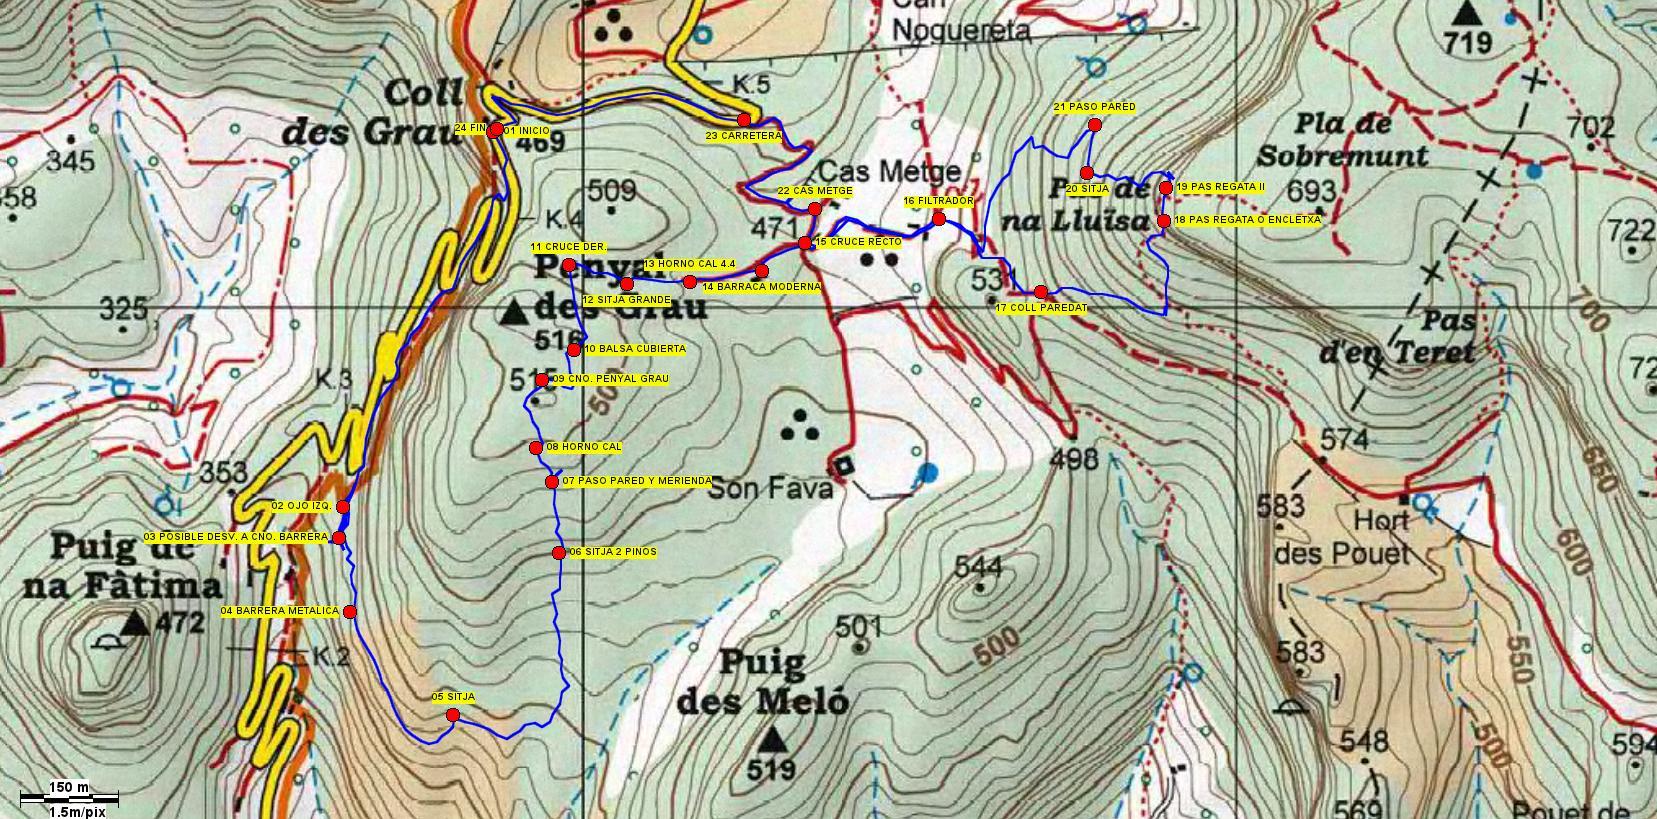 Mapa con el trazado de la ruta